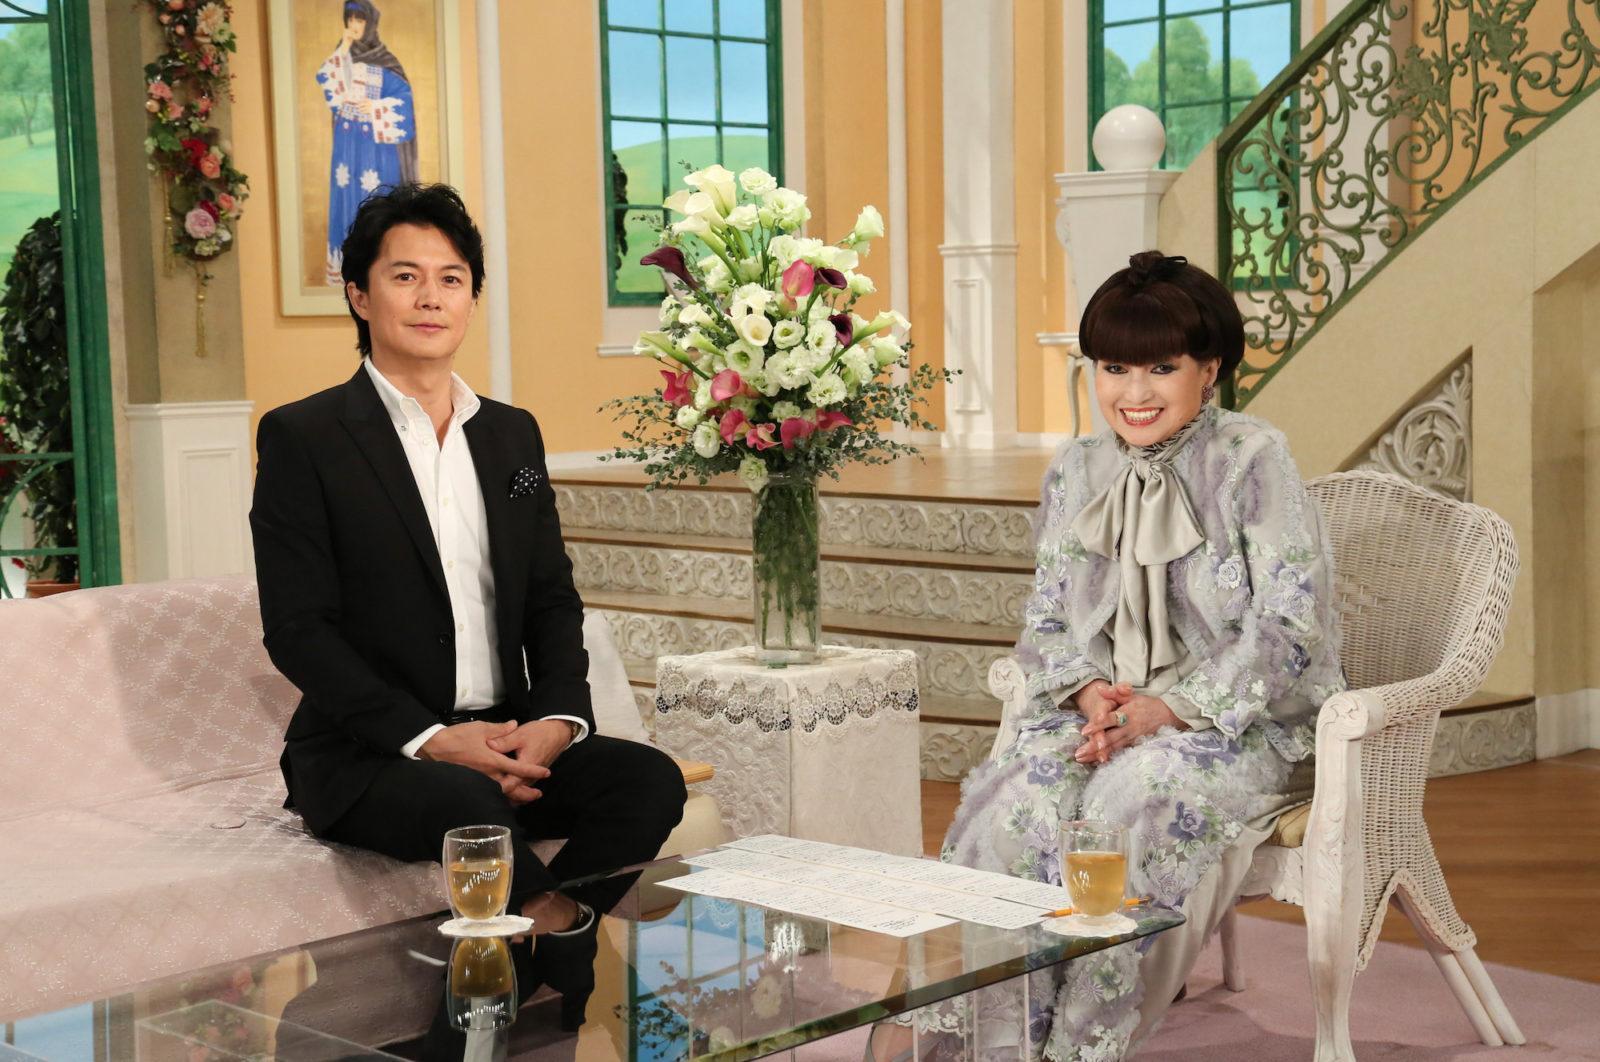 黒柳徹子からのオファーを受け実現!福山雅治、新ドラマ「トットちゃん!」主題歌担当決定サムネイル画像